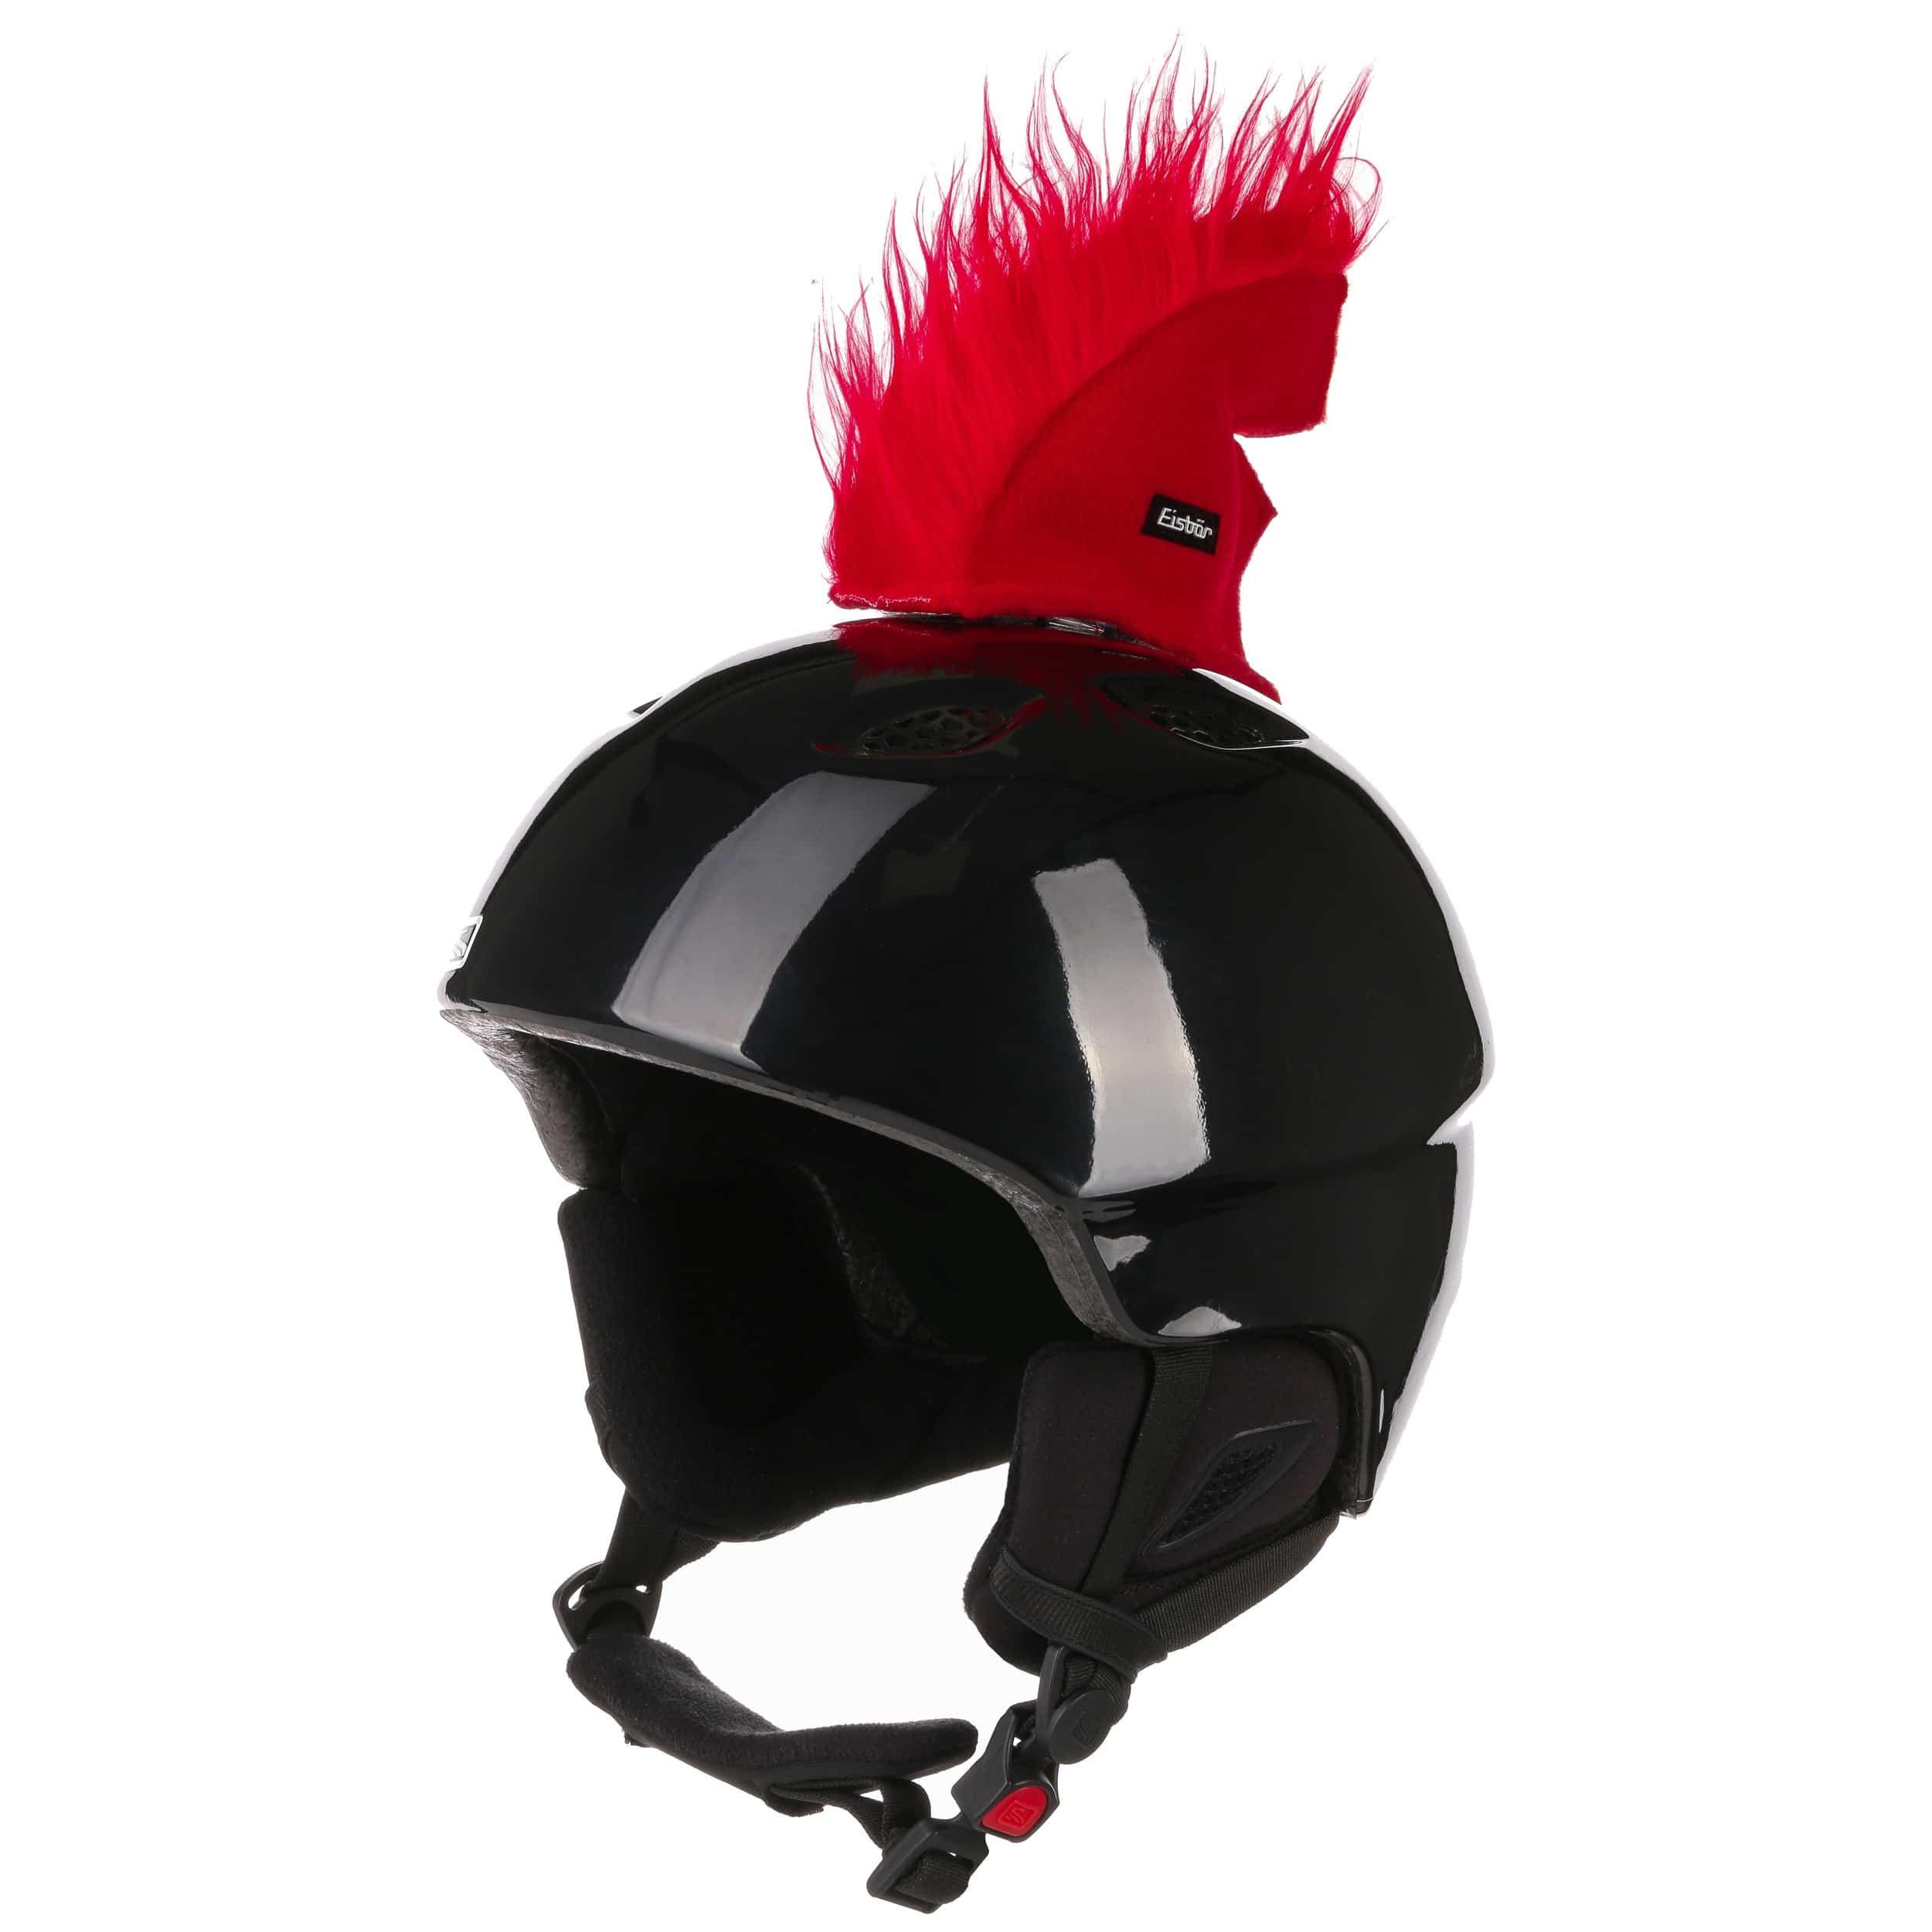 Hairy shark helmet sticker by eisbär red 5